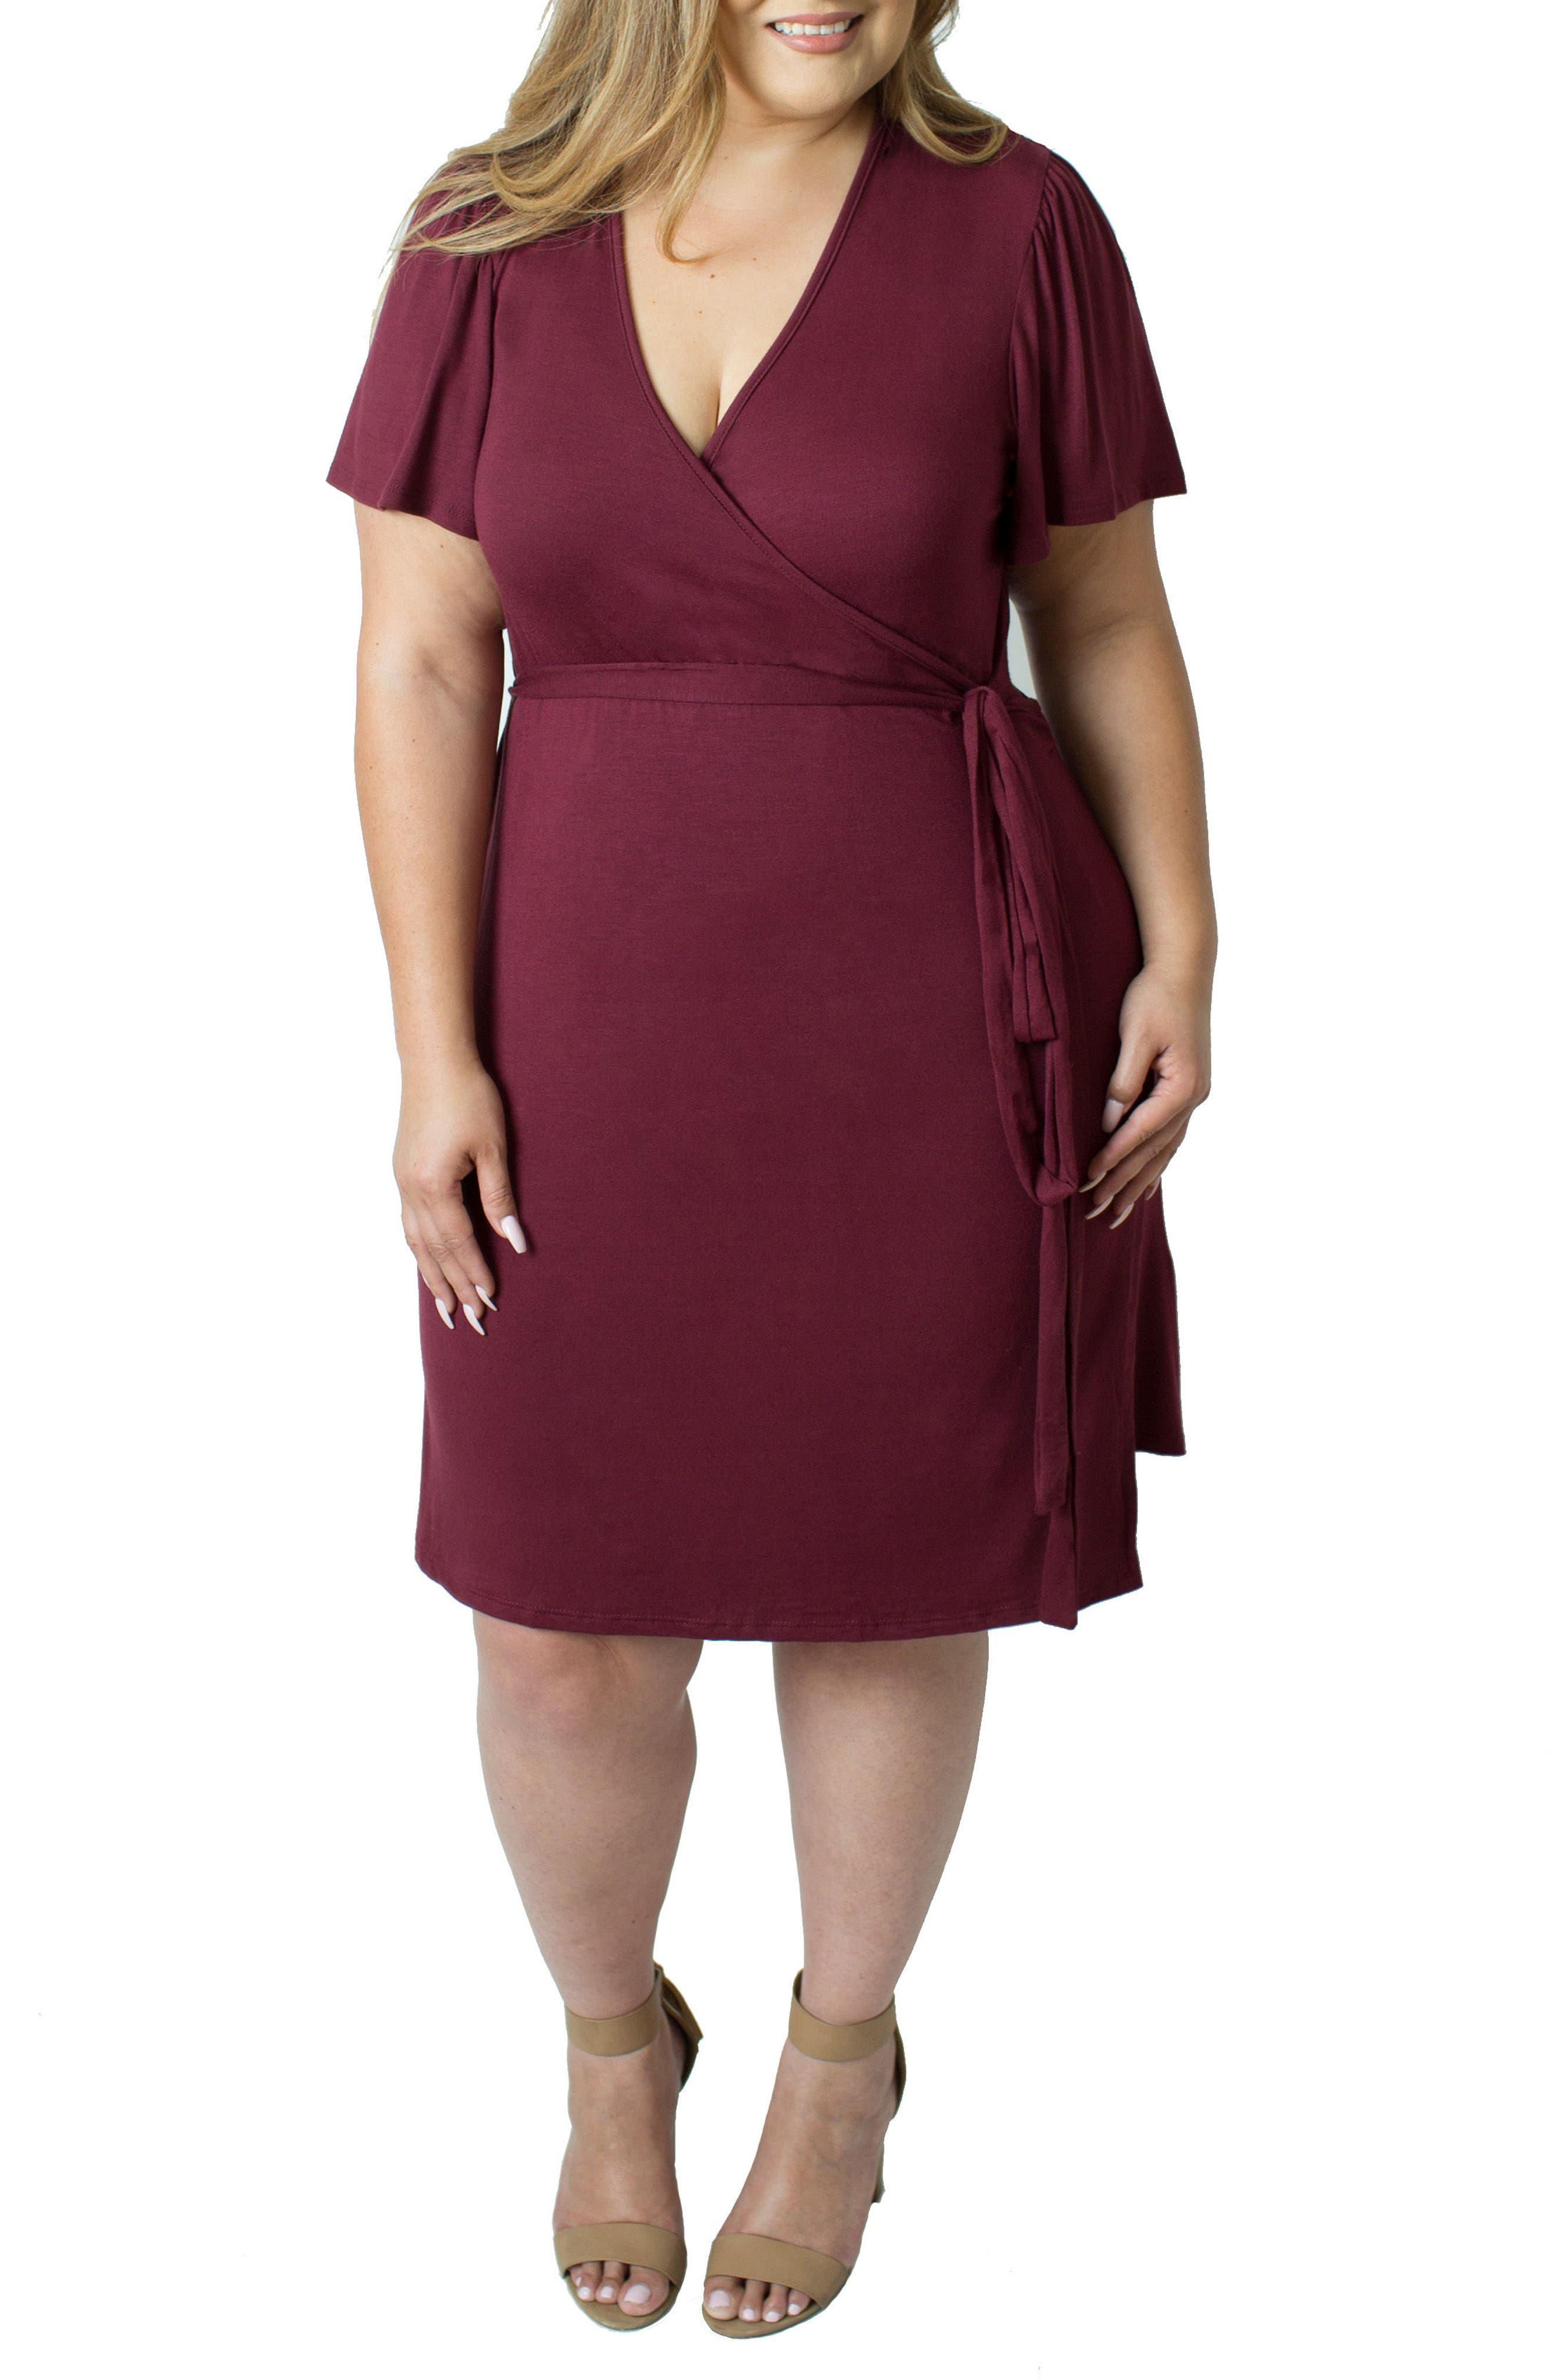 Alternate Image 1 Selected - Udderly Hot Mama Wrap Nursing Dress (Plus Size)